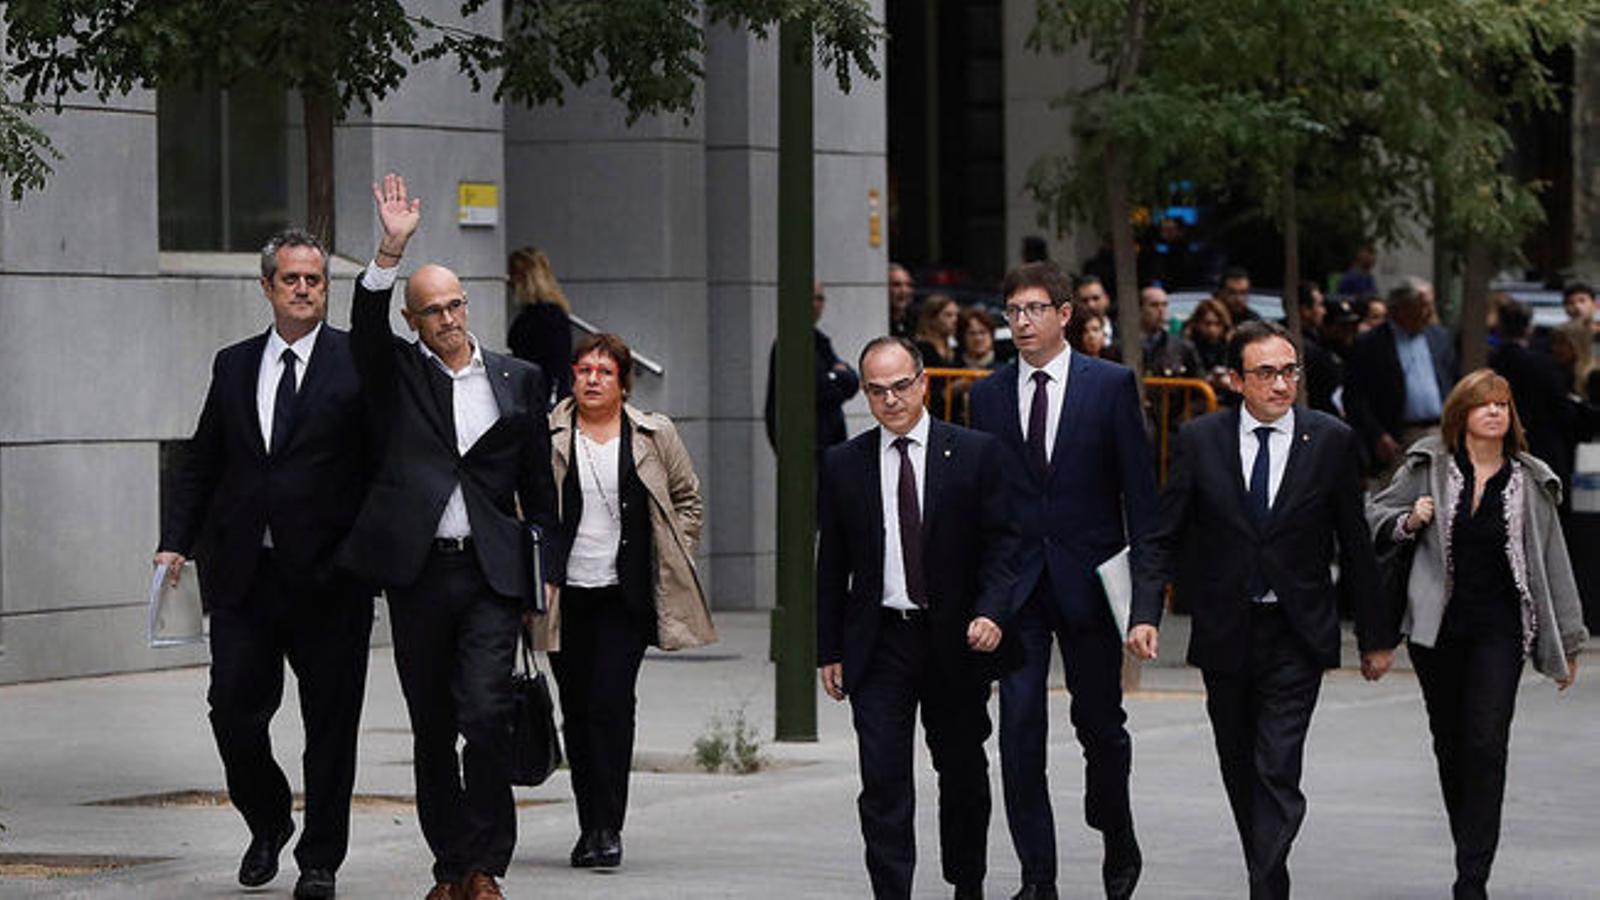 Los nueve presos llegaran a Madrid el 29 de enero